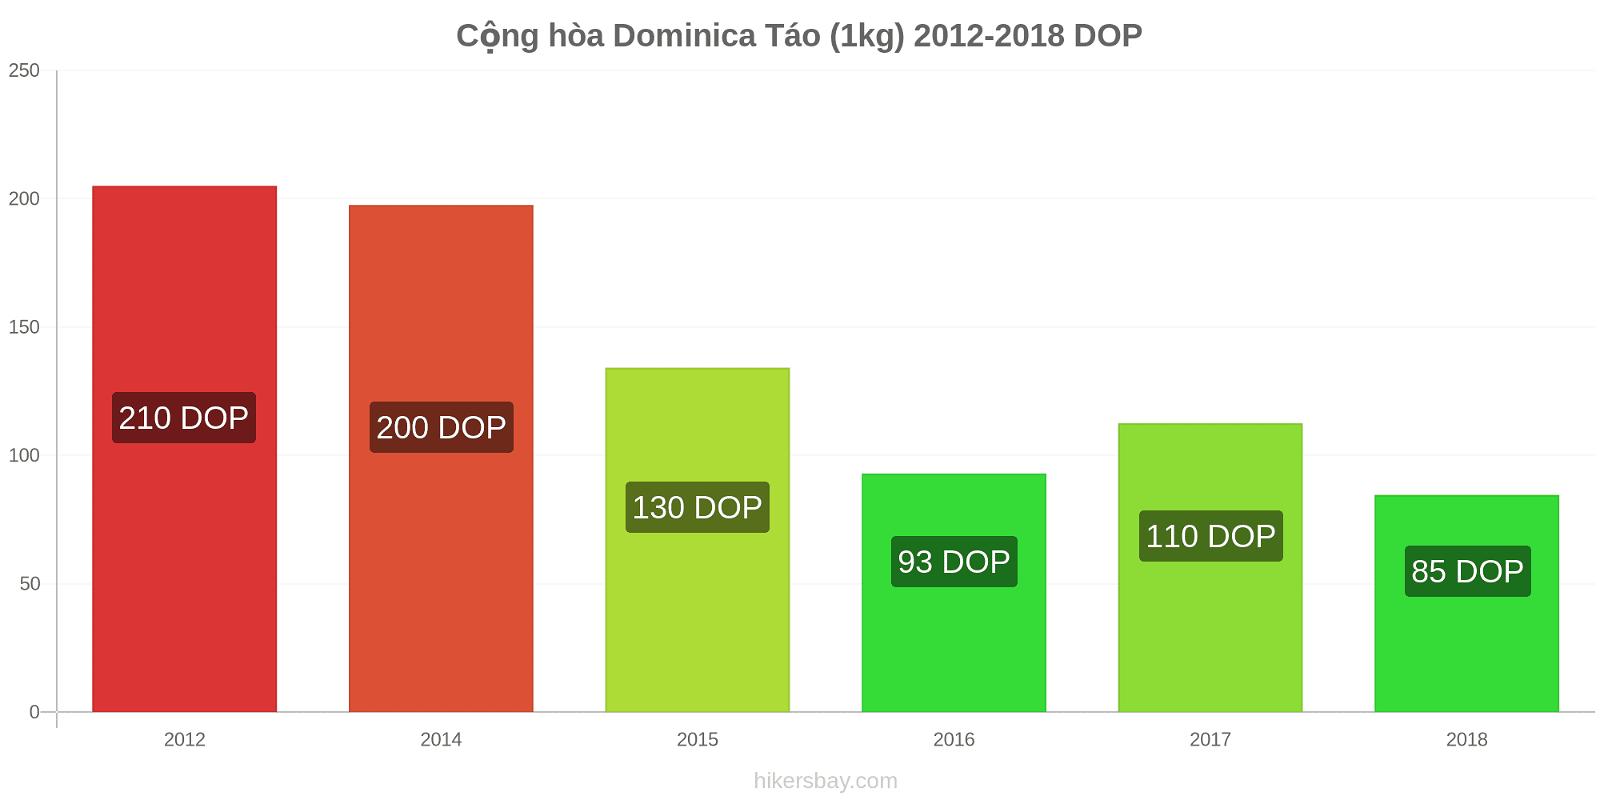 Cộng hòa Dominica thay đổi giá Táo (1kg) hikersbay.com